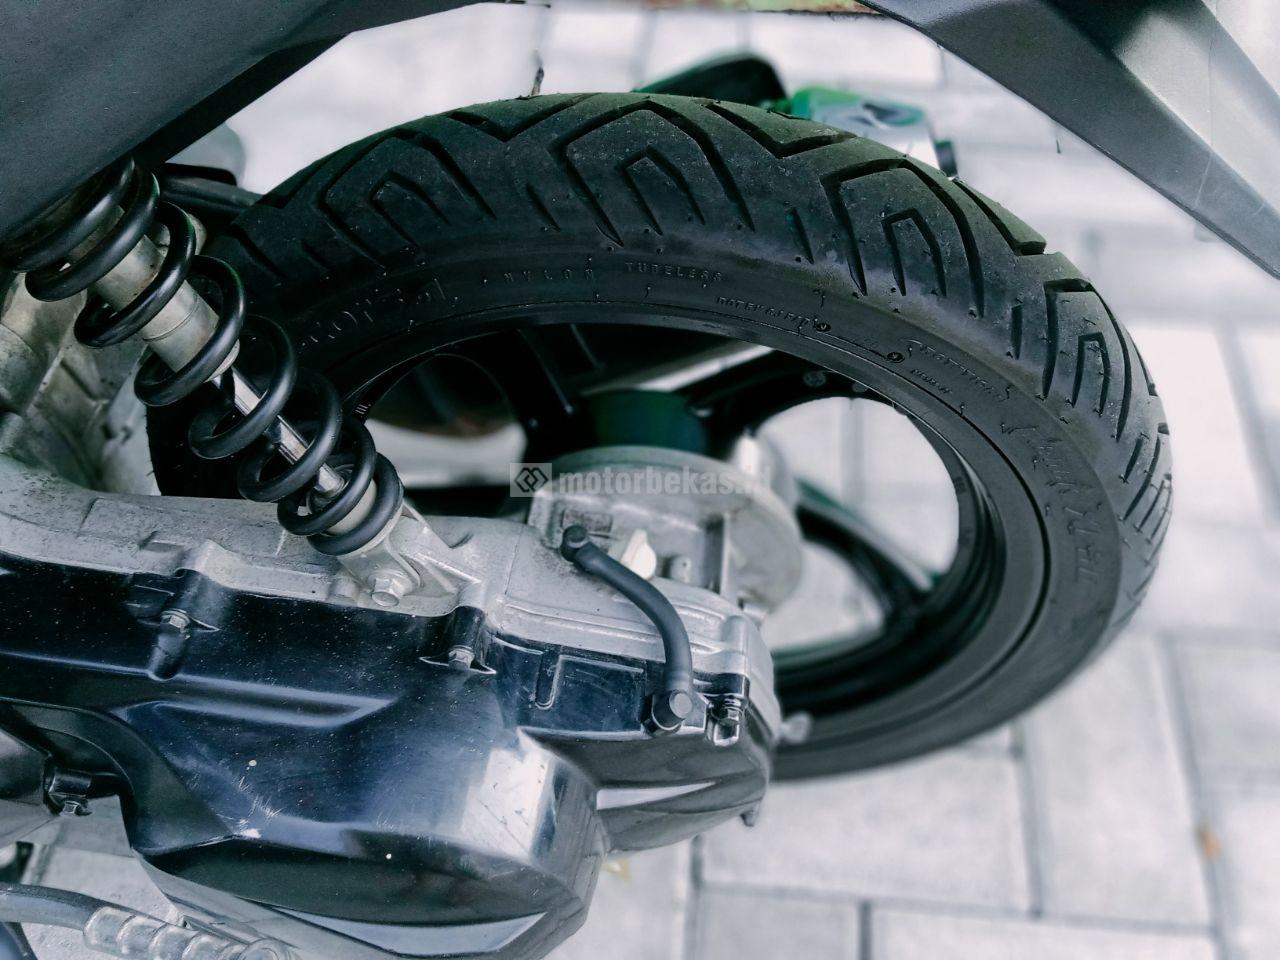 YAMAHA XEON FI 1453 motorbekas.id